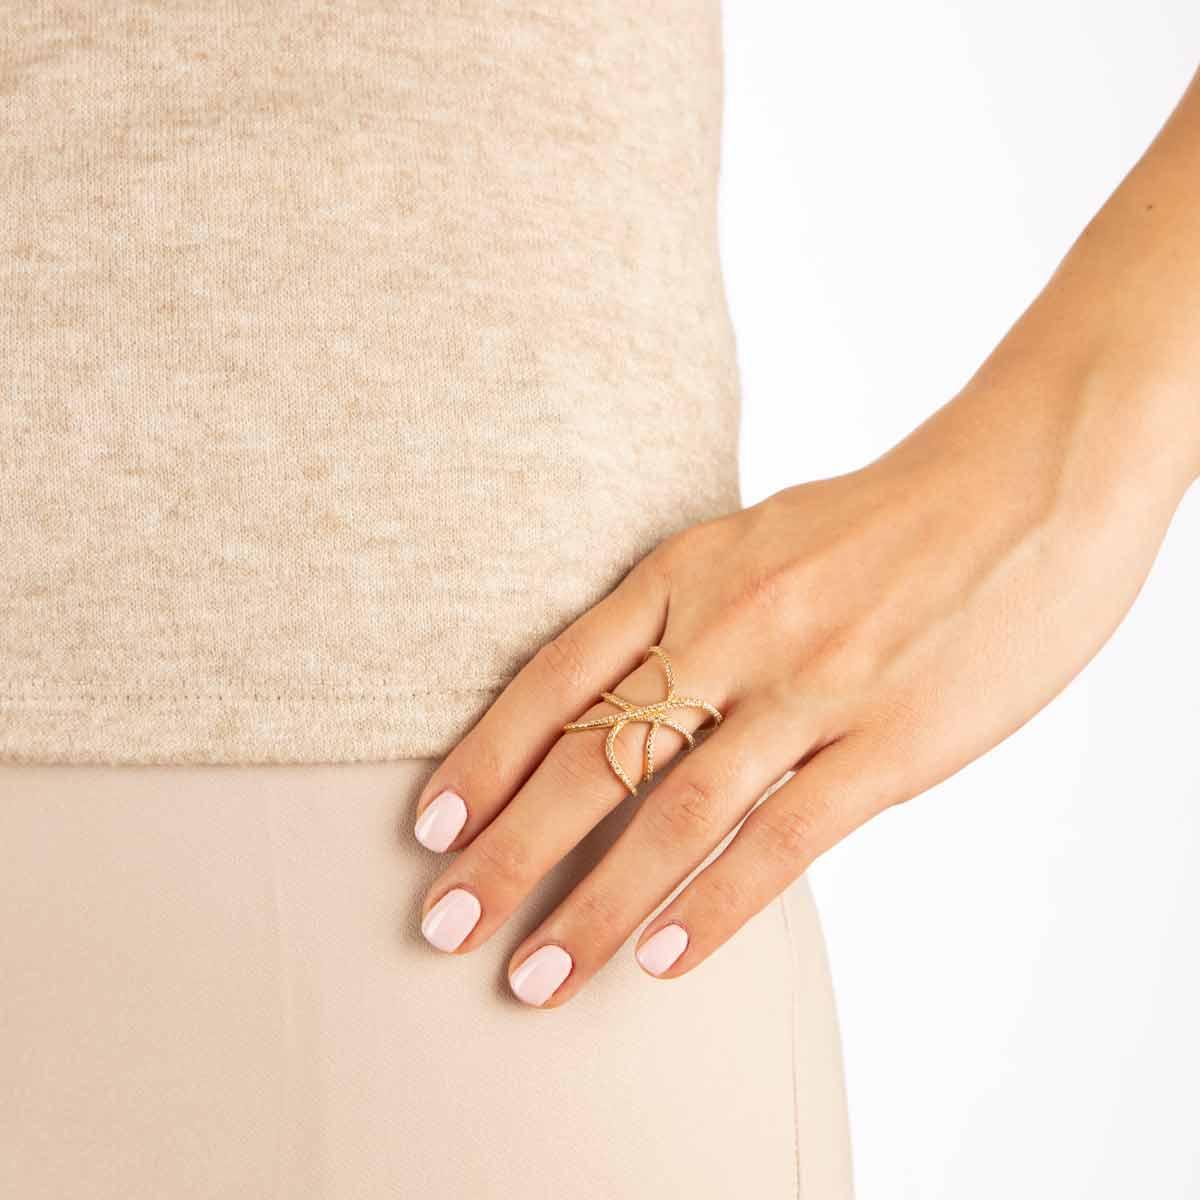 انگشتر طلا پرسته Lady gaga